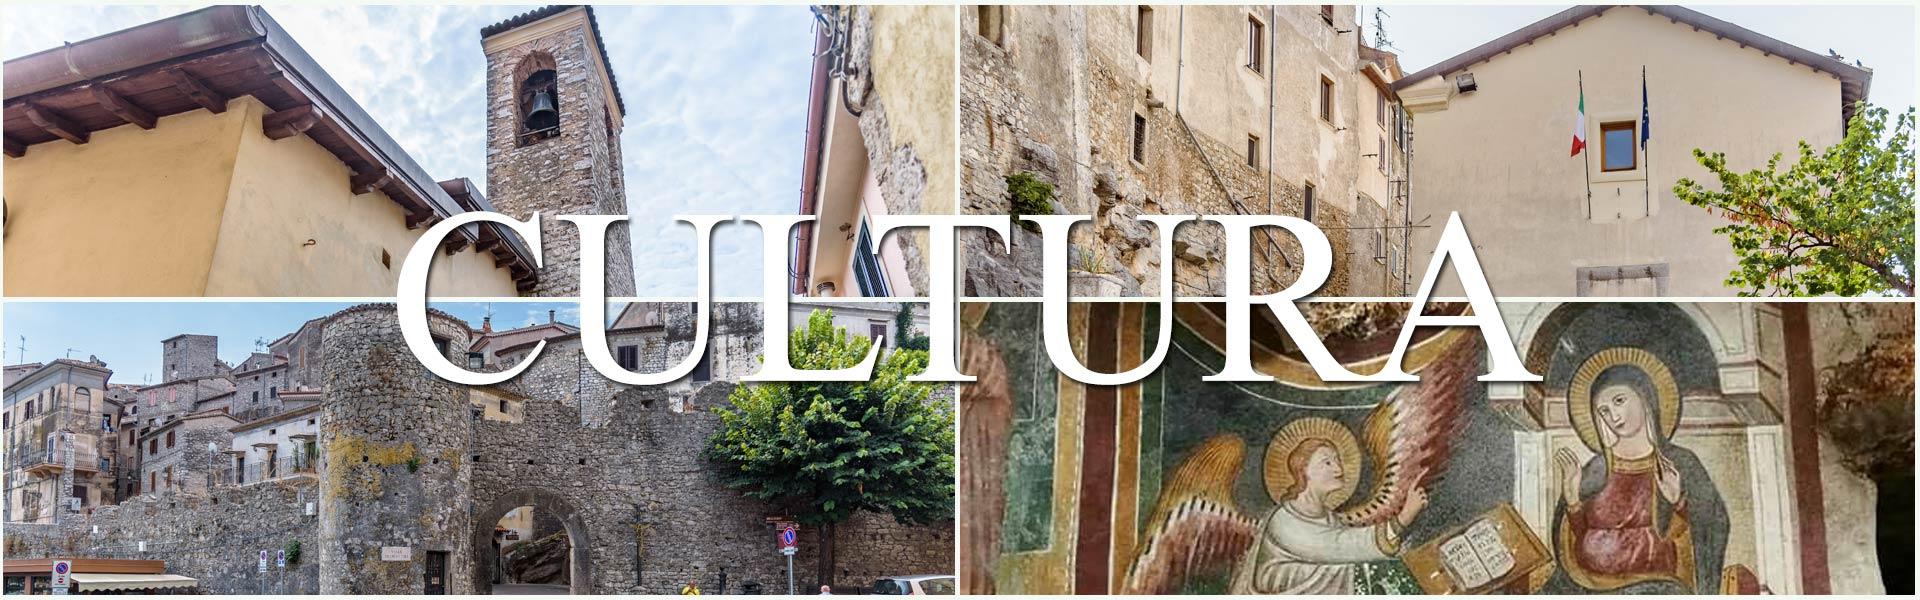 progetto-restyling-sito-bassiano-cultura1920x600